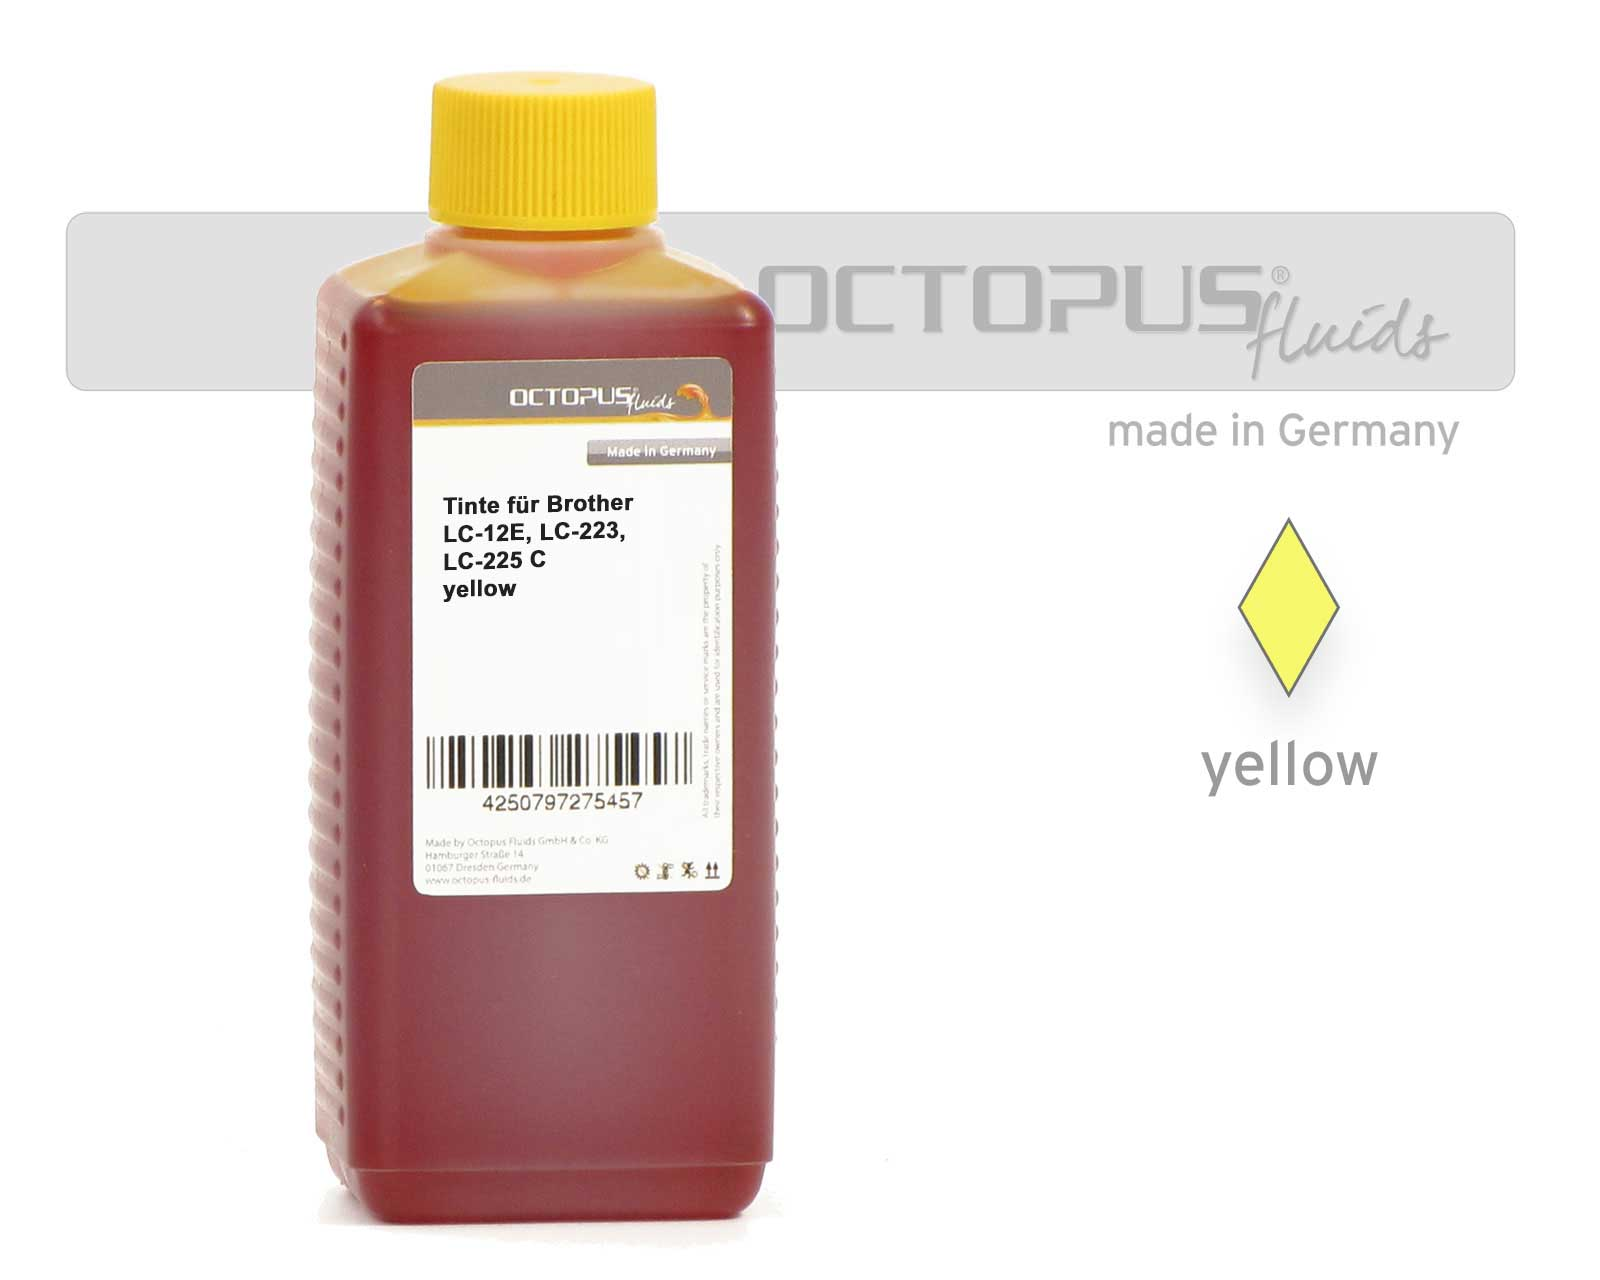 Inchiostro di ricarica per Brother LC-12E, LC-223, LC-225, LC-221, giallo